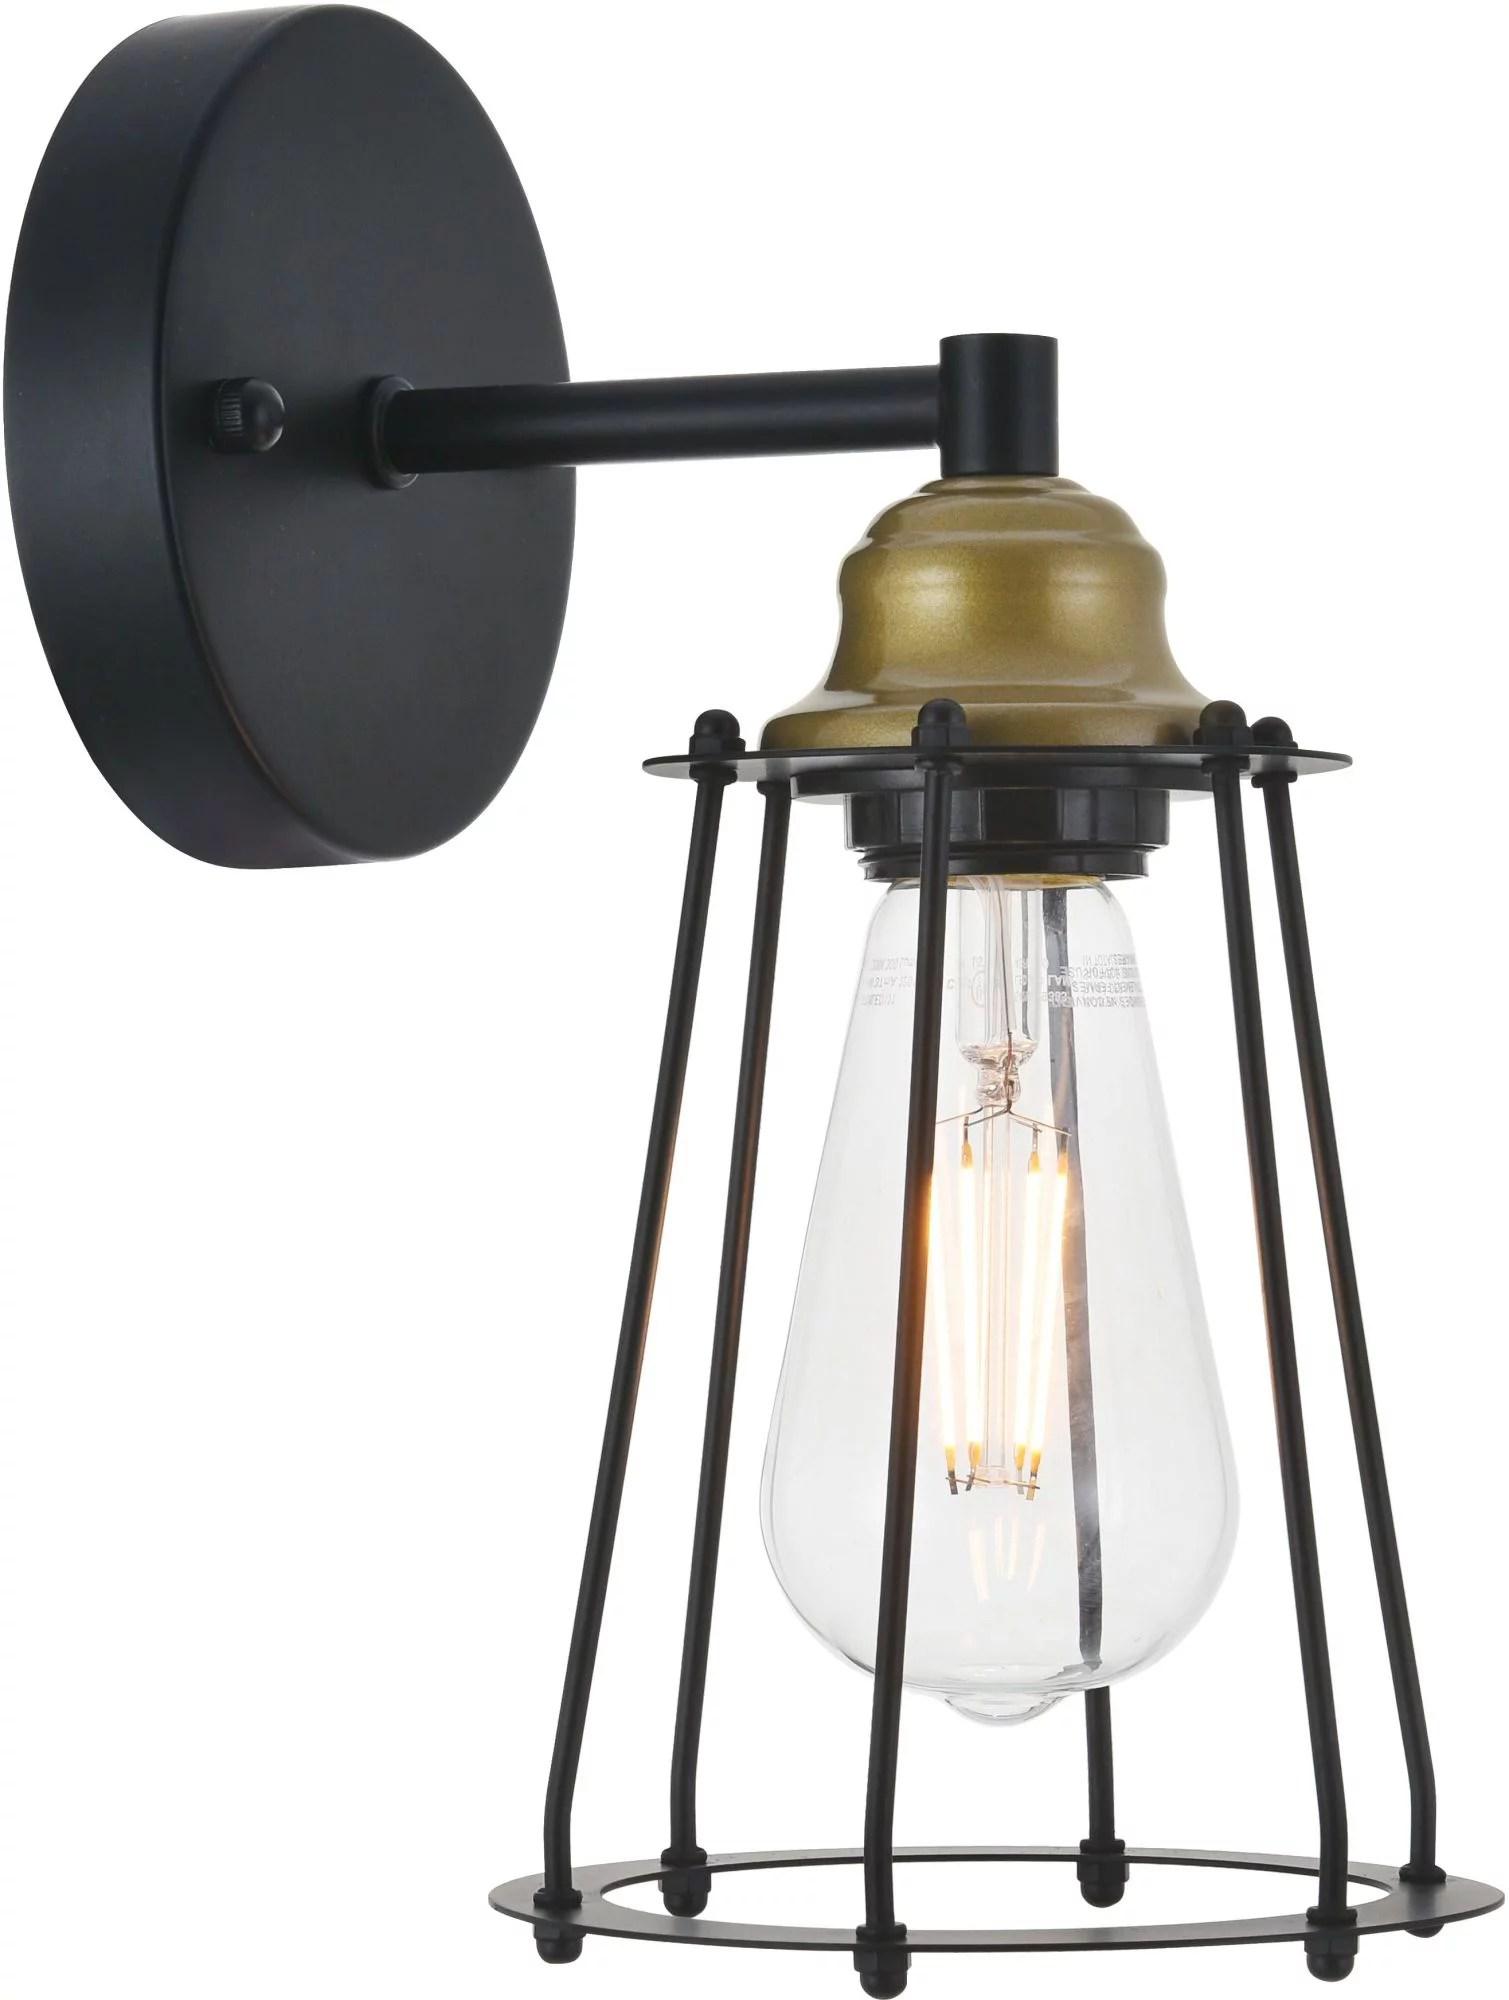 """Elegant Lighting Ld4047w5 Auspice 1 Light 11"""" Tall ... on Height Of Bathroom Sconce Lights id=85864"""